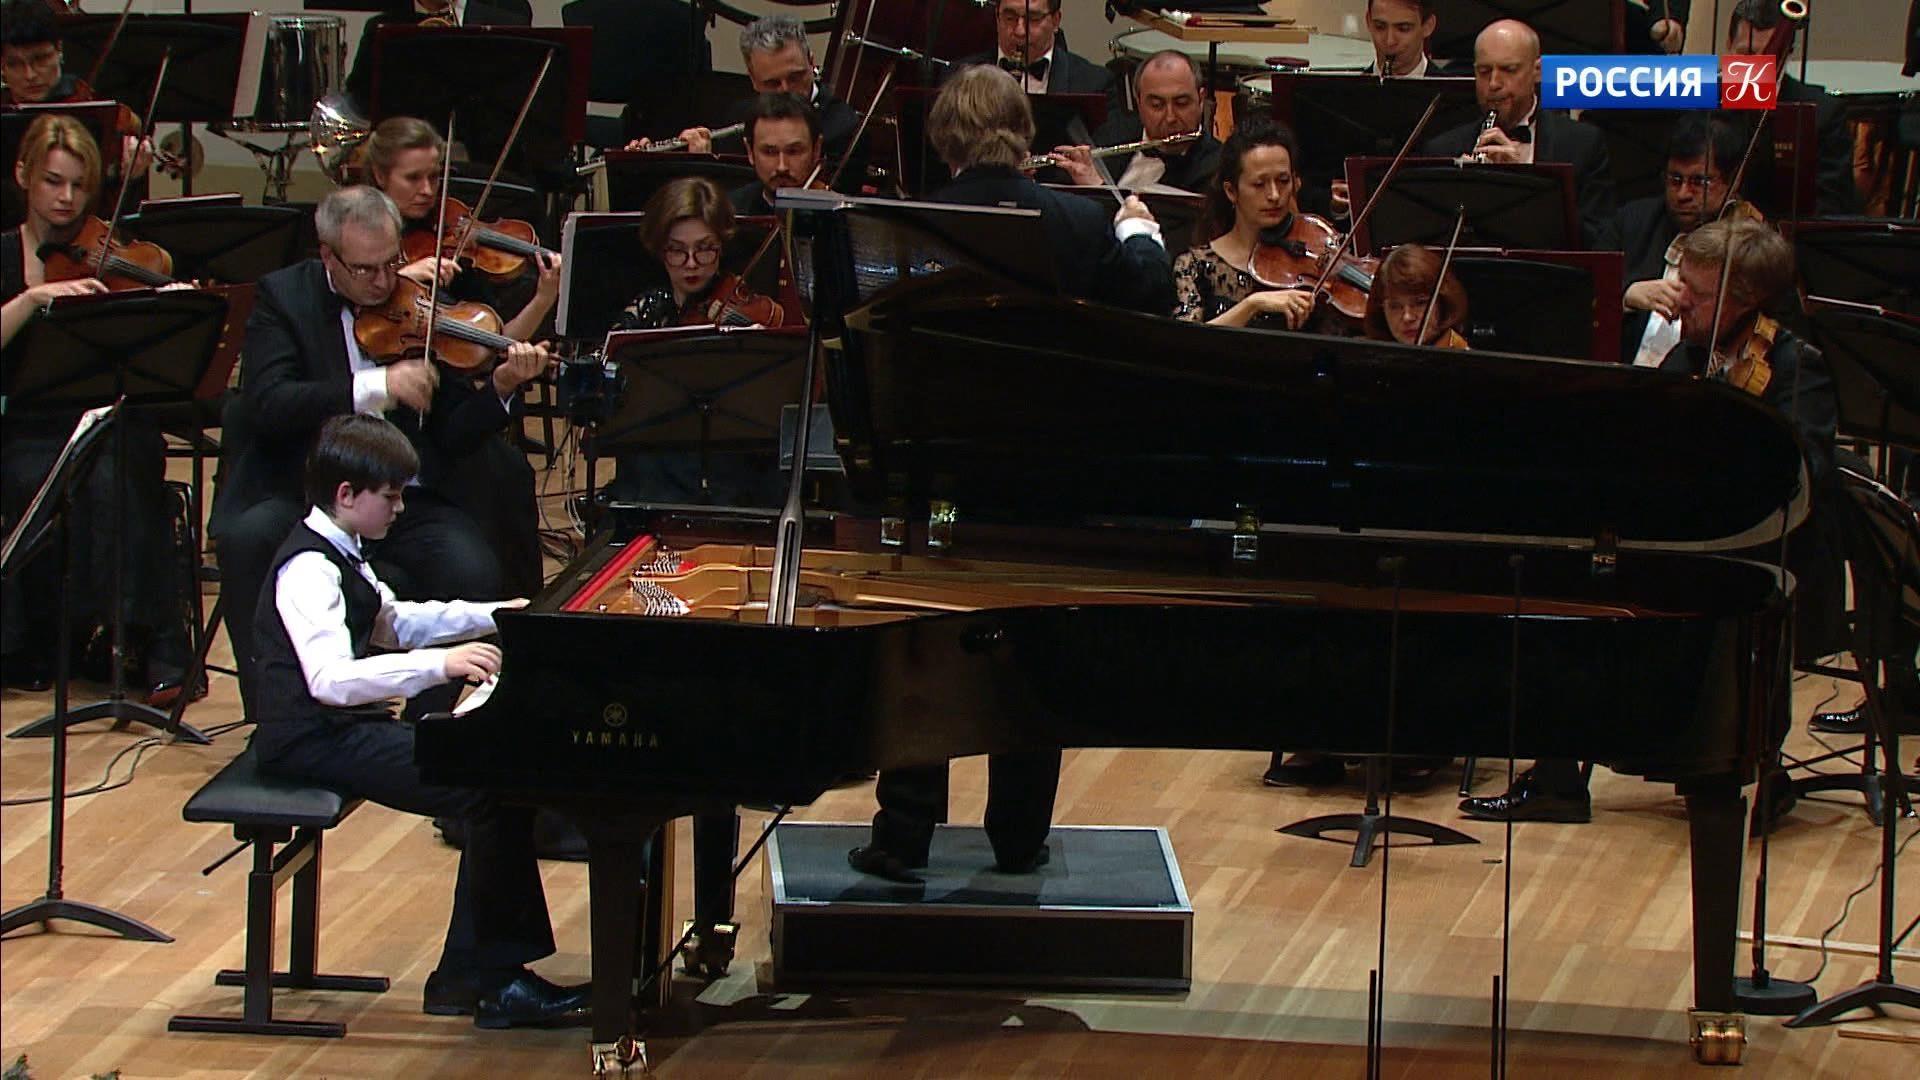 III Международный конкурс молодых пианистов Grand Piano Competition. Заключительный гала-концерт лауреатов